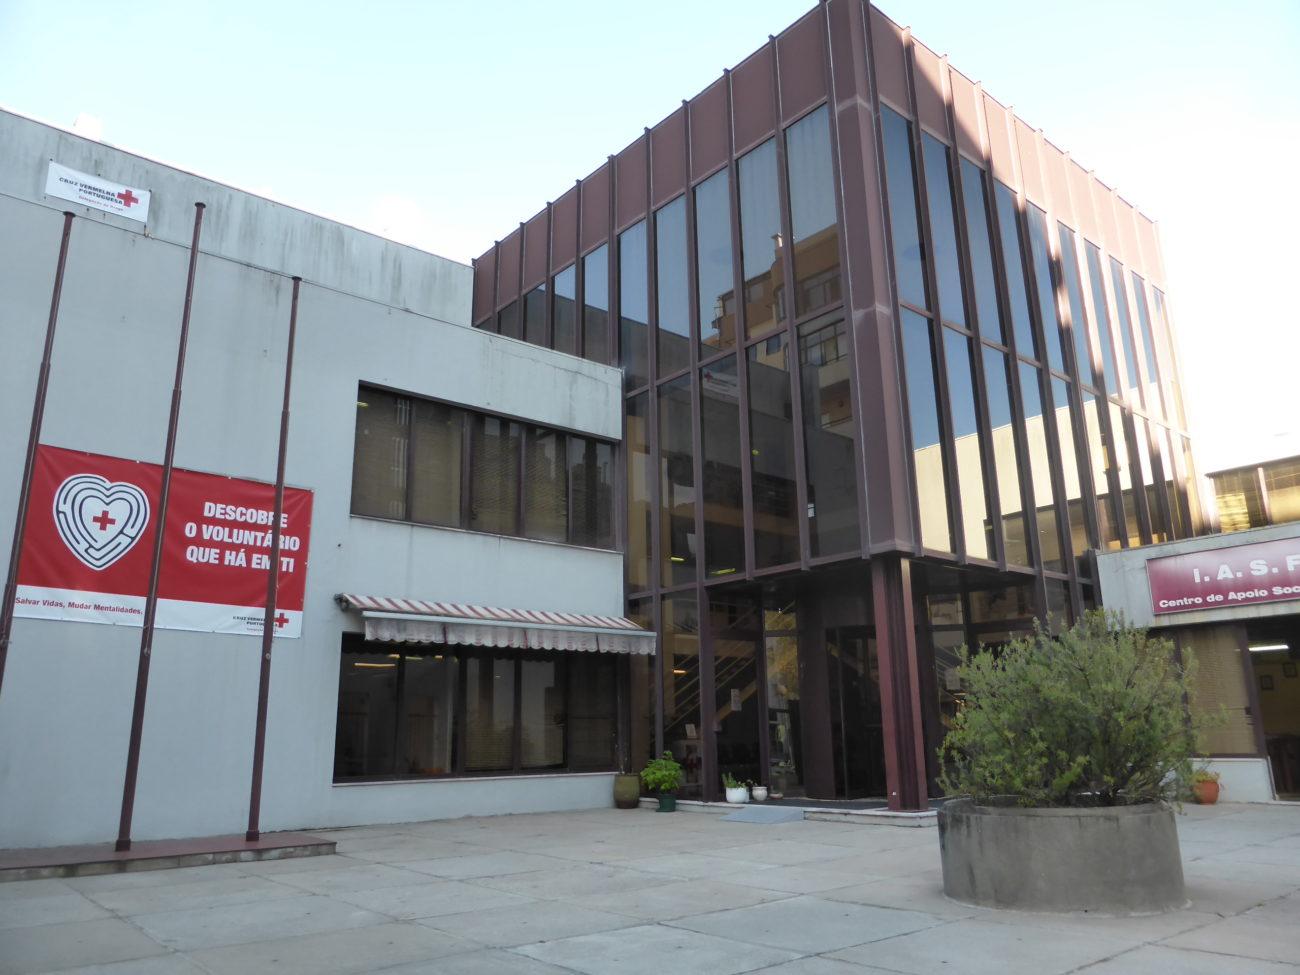 BRAGA - Cruz Vermelha de Braga reivindica do Estado mais apoio para o CAT para evitar encerramento